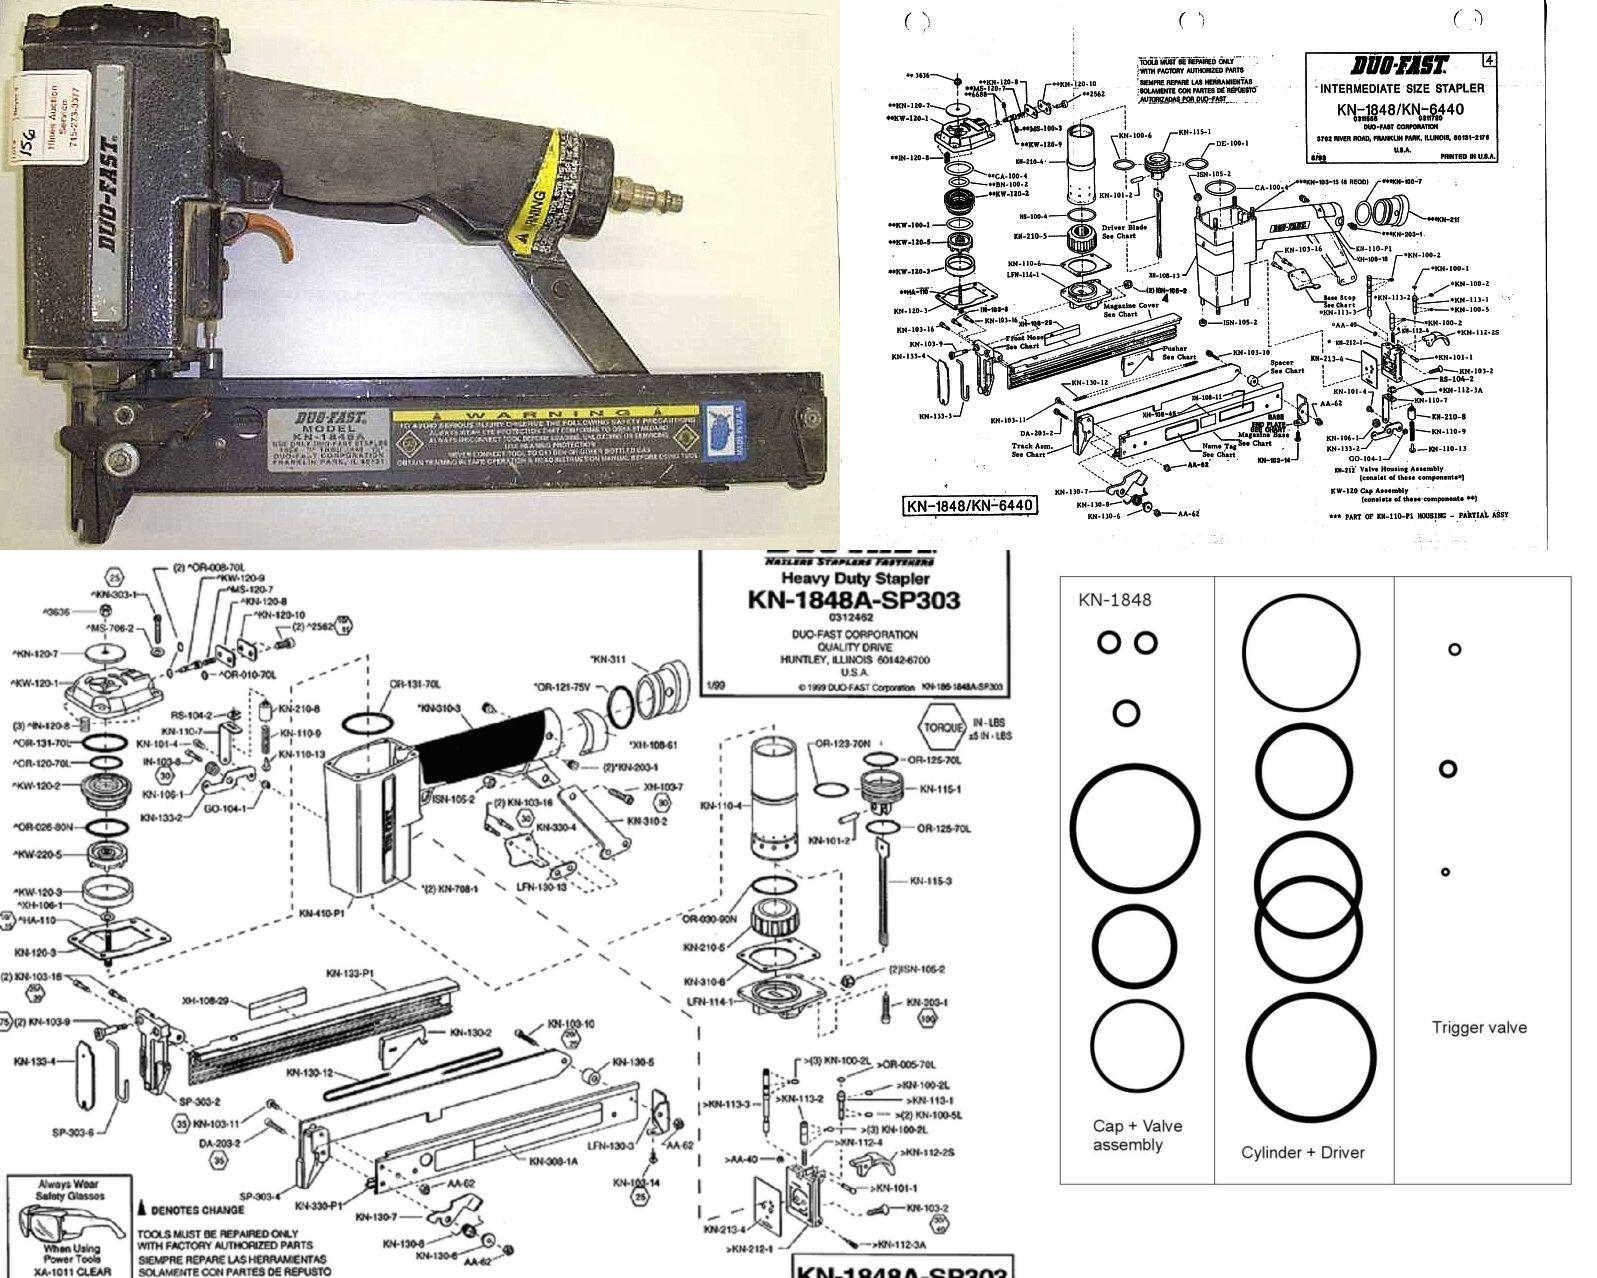 Duo-Fast KN-1848 O-ring Rebuild Kit